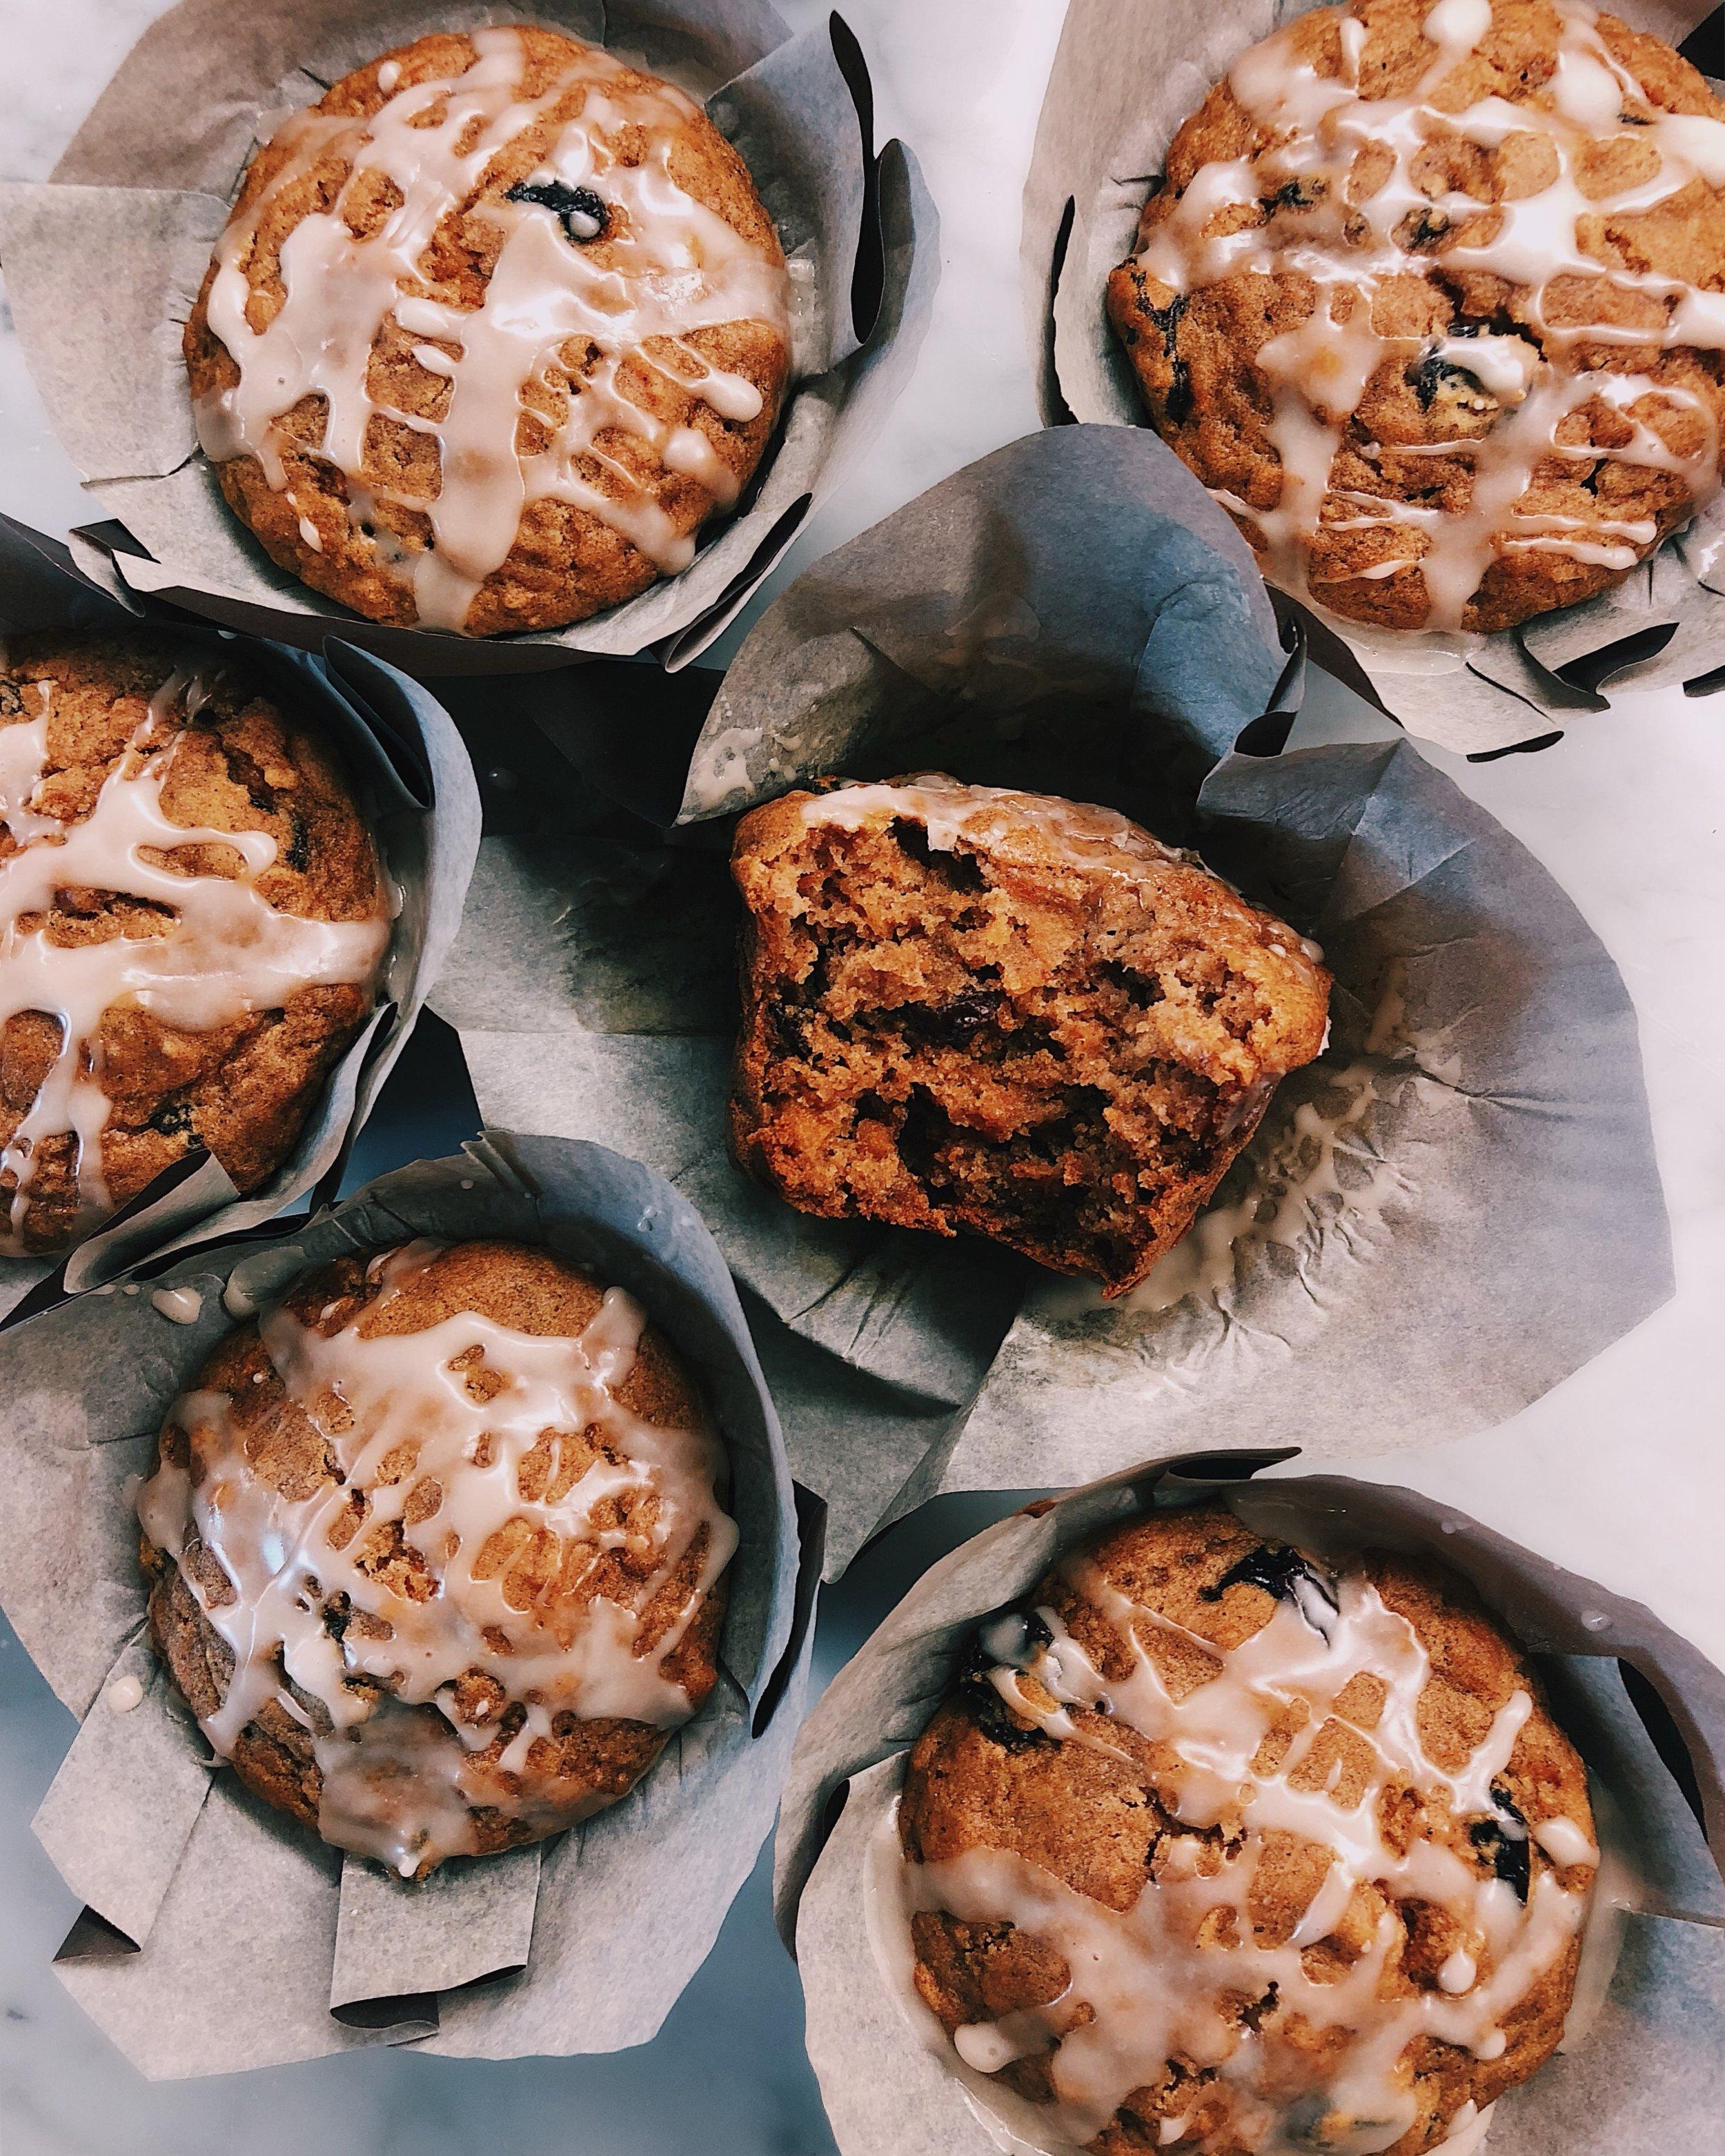 Bakery Style Glazed Carrot Cake Muffins Nicole Modic